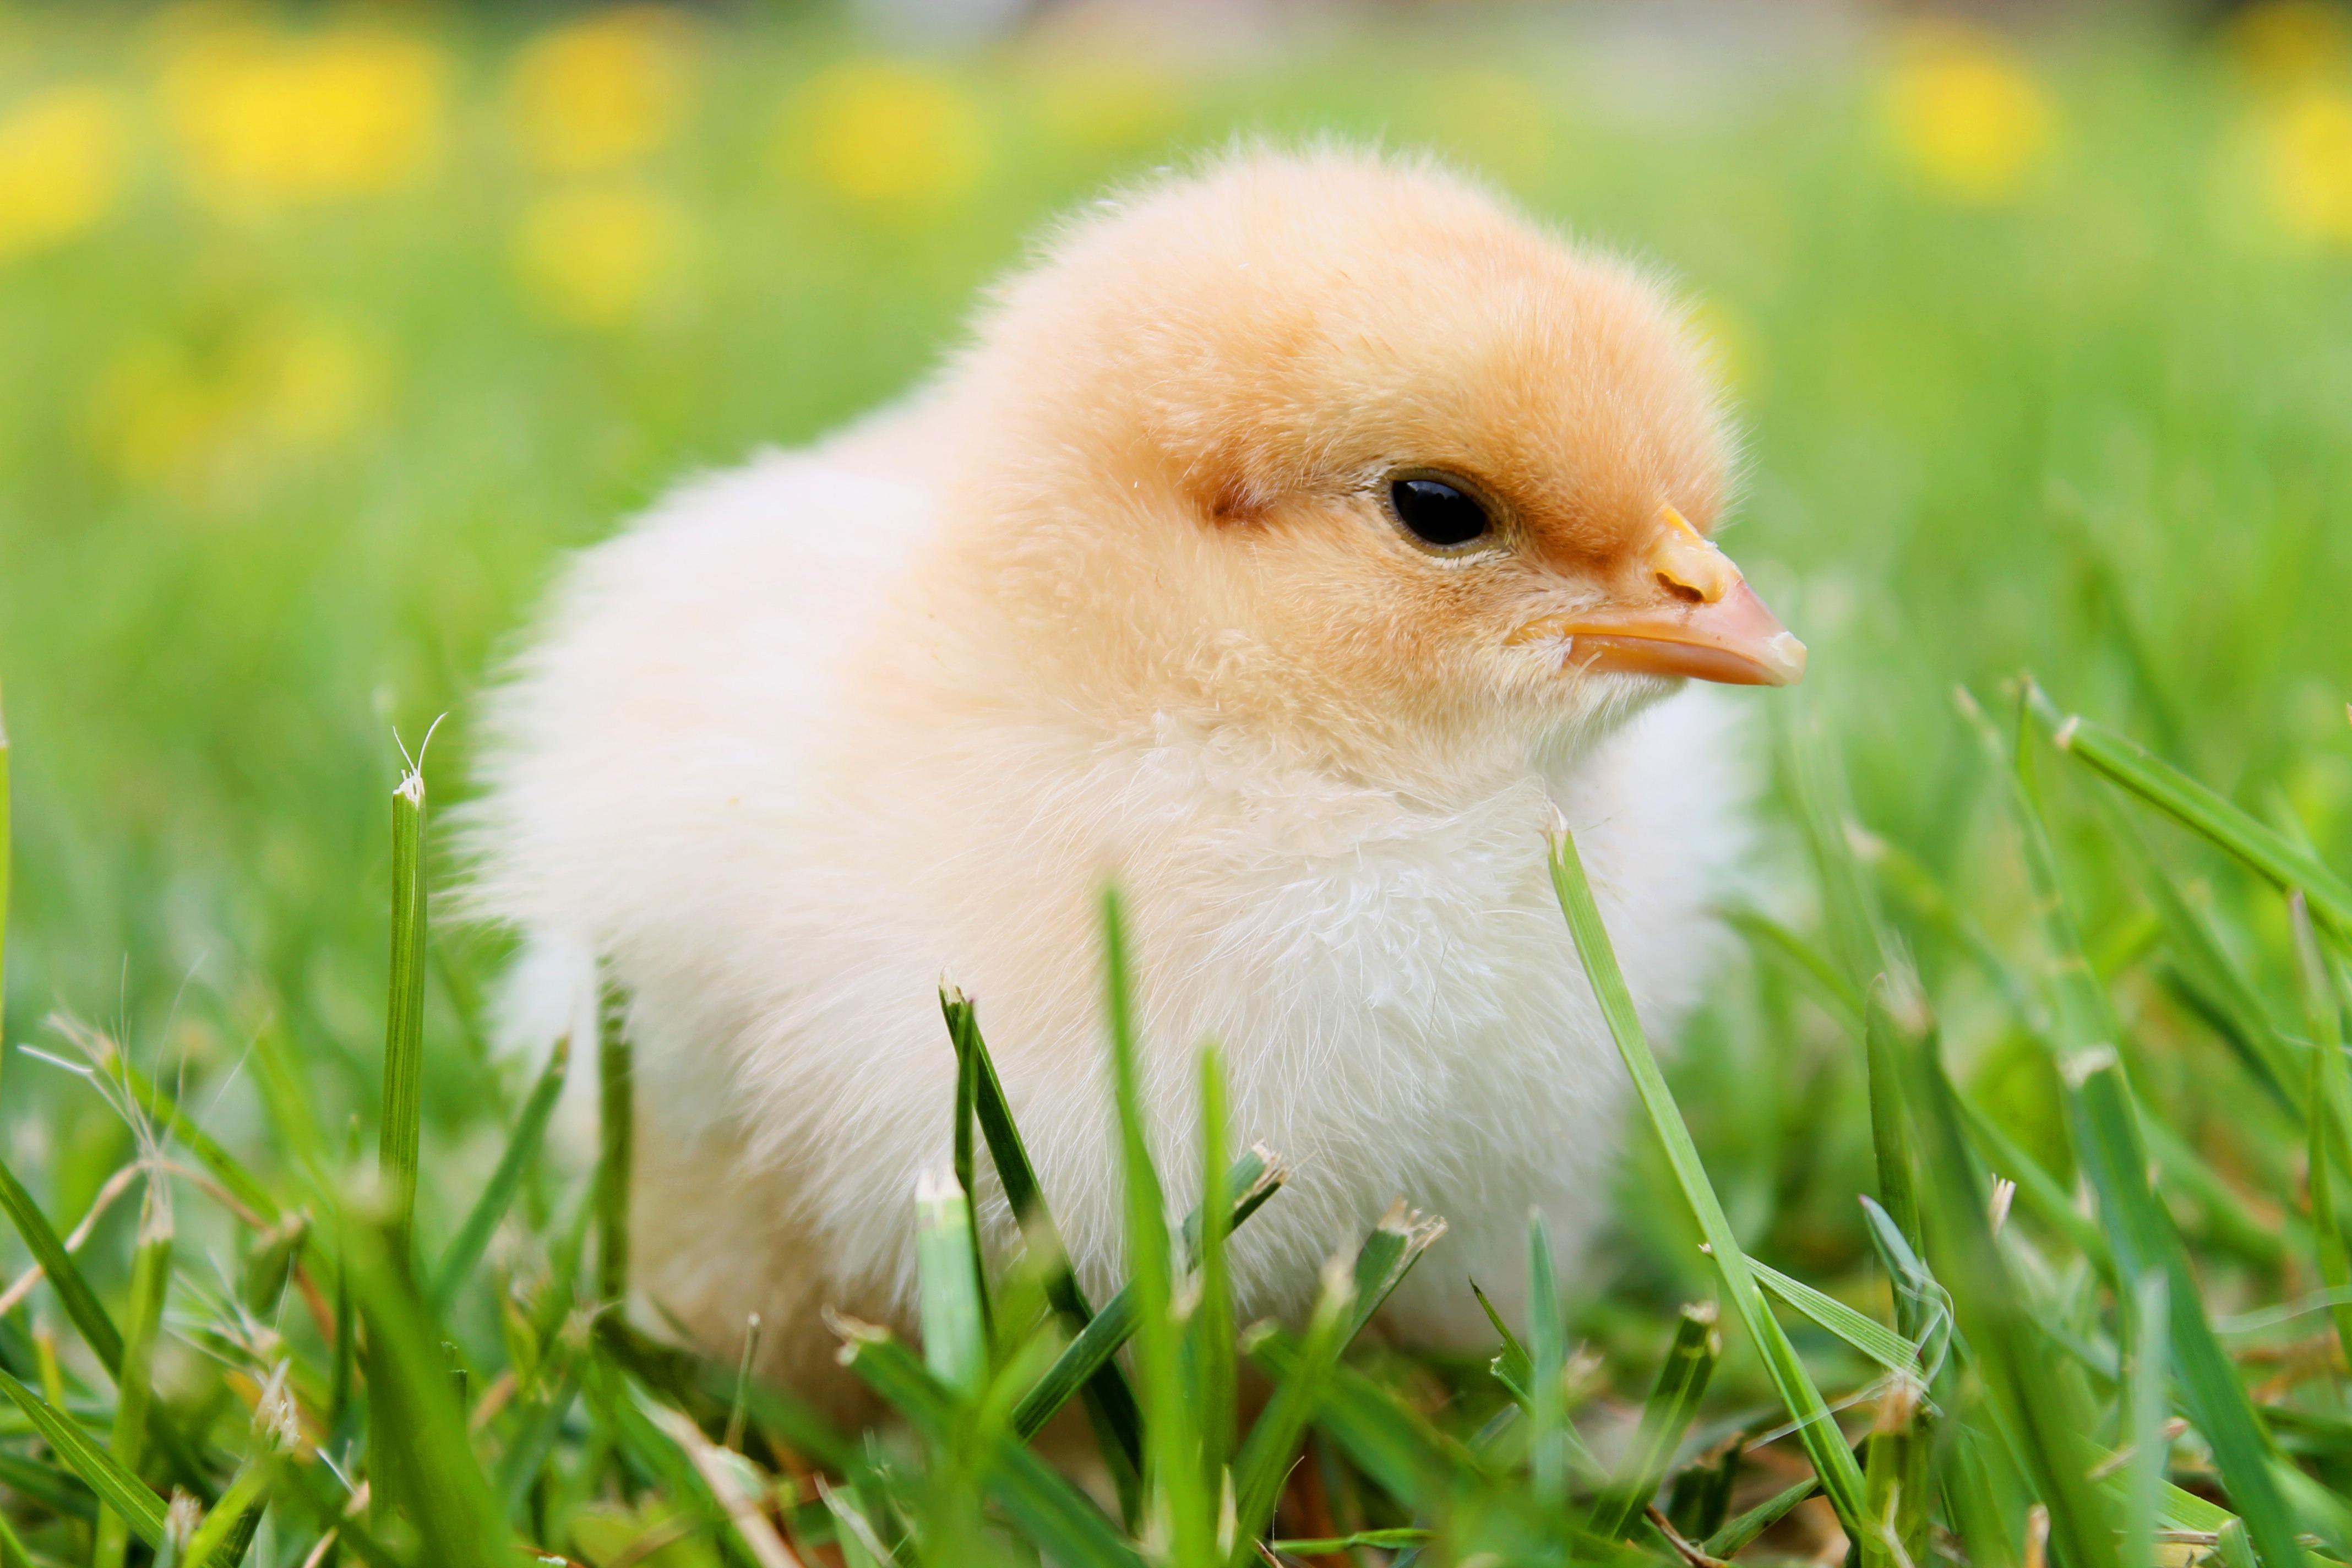 Картинки Птенец курицы Трава вблизи животное Цыплята траве Животные Крупным планом